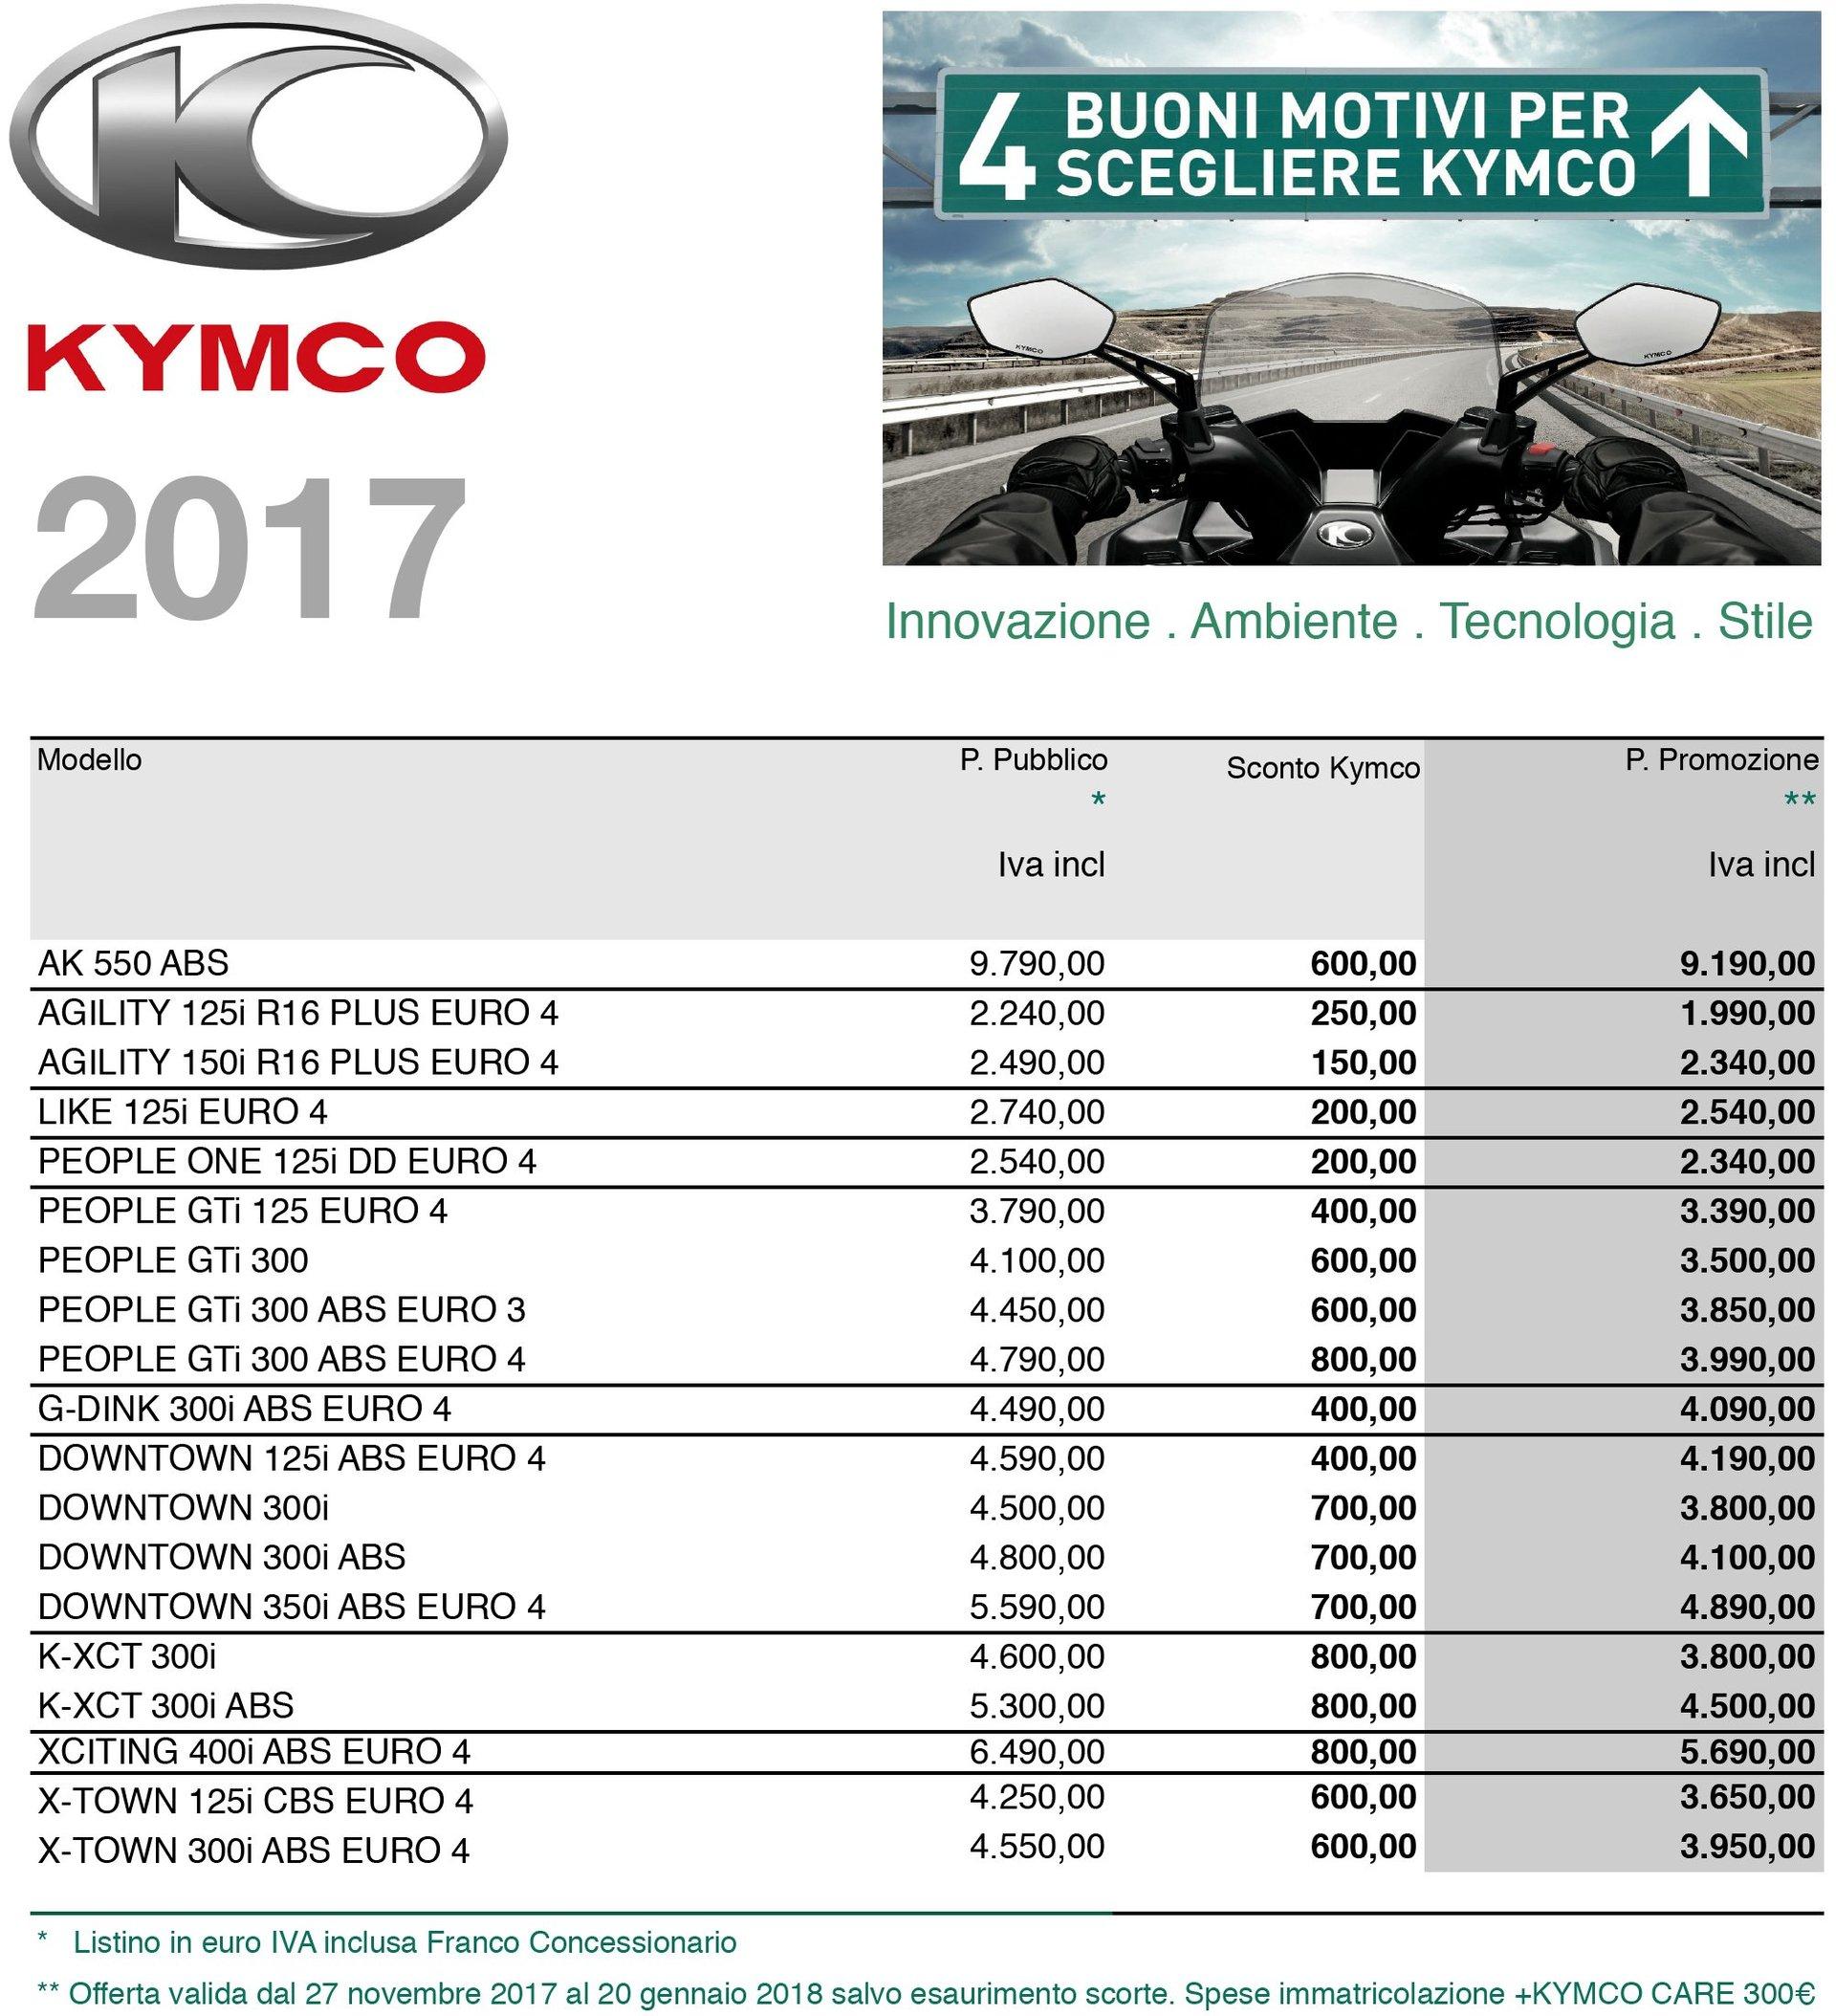 Kymco promozione